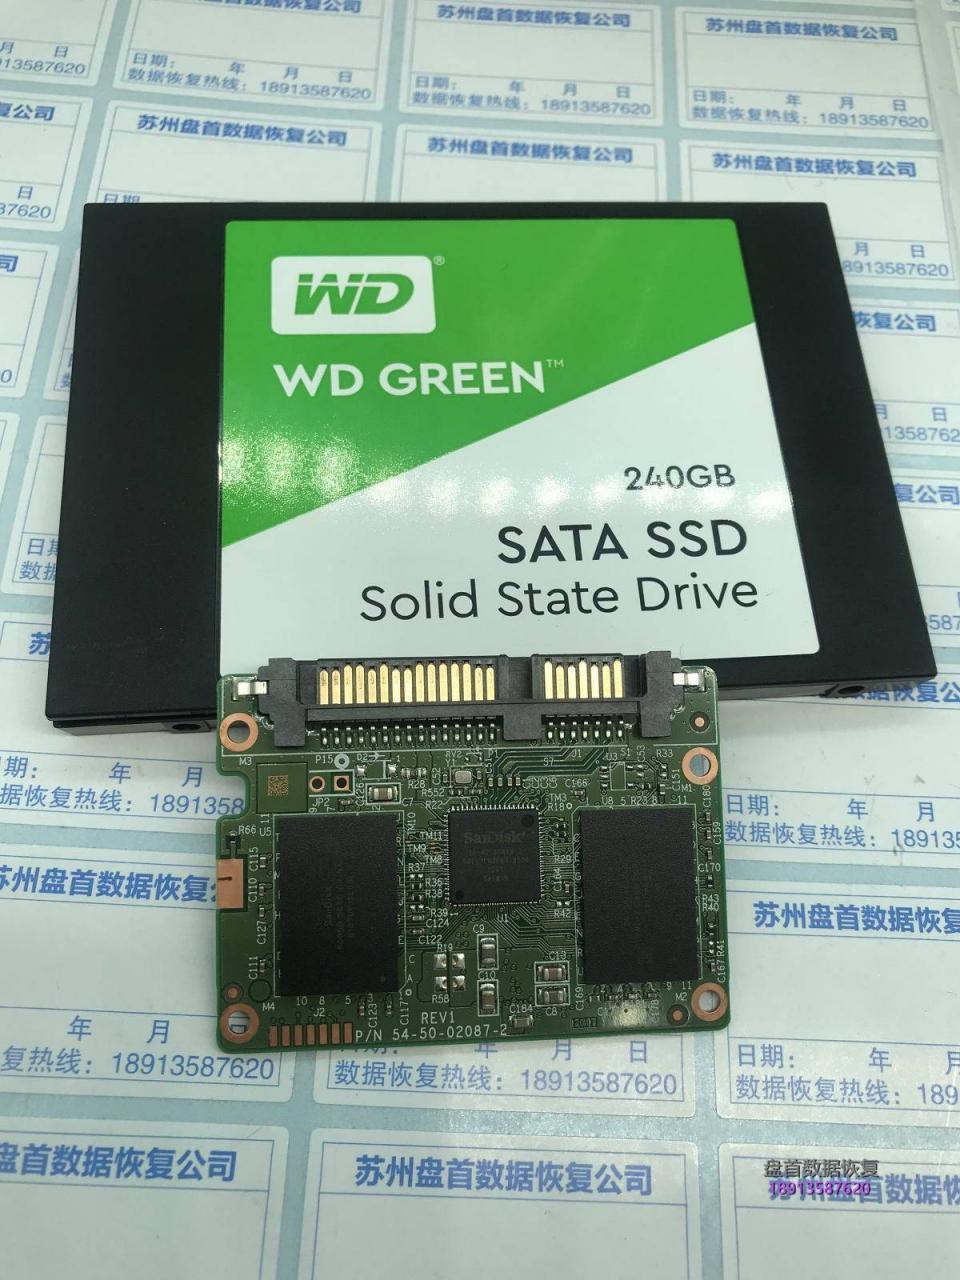 WDS240G2G0A固态硬盘无法识别主控20-82-00469-2就绪忙故障数据恢复成功